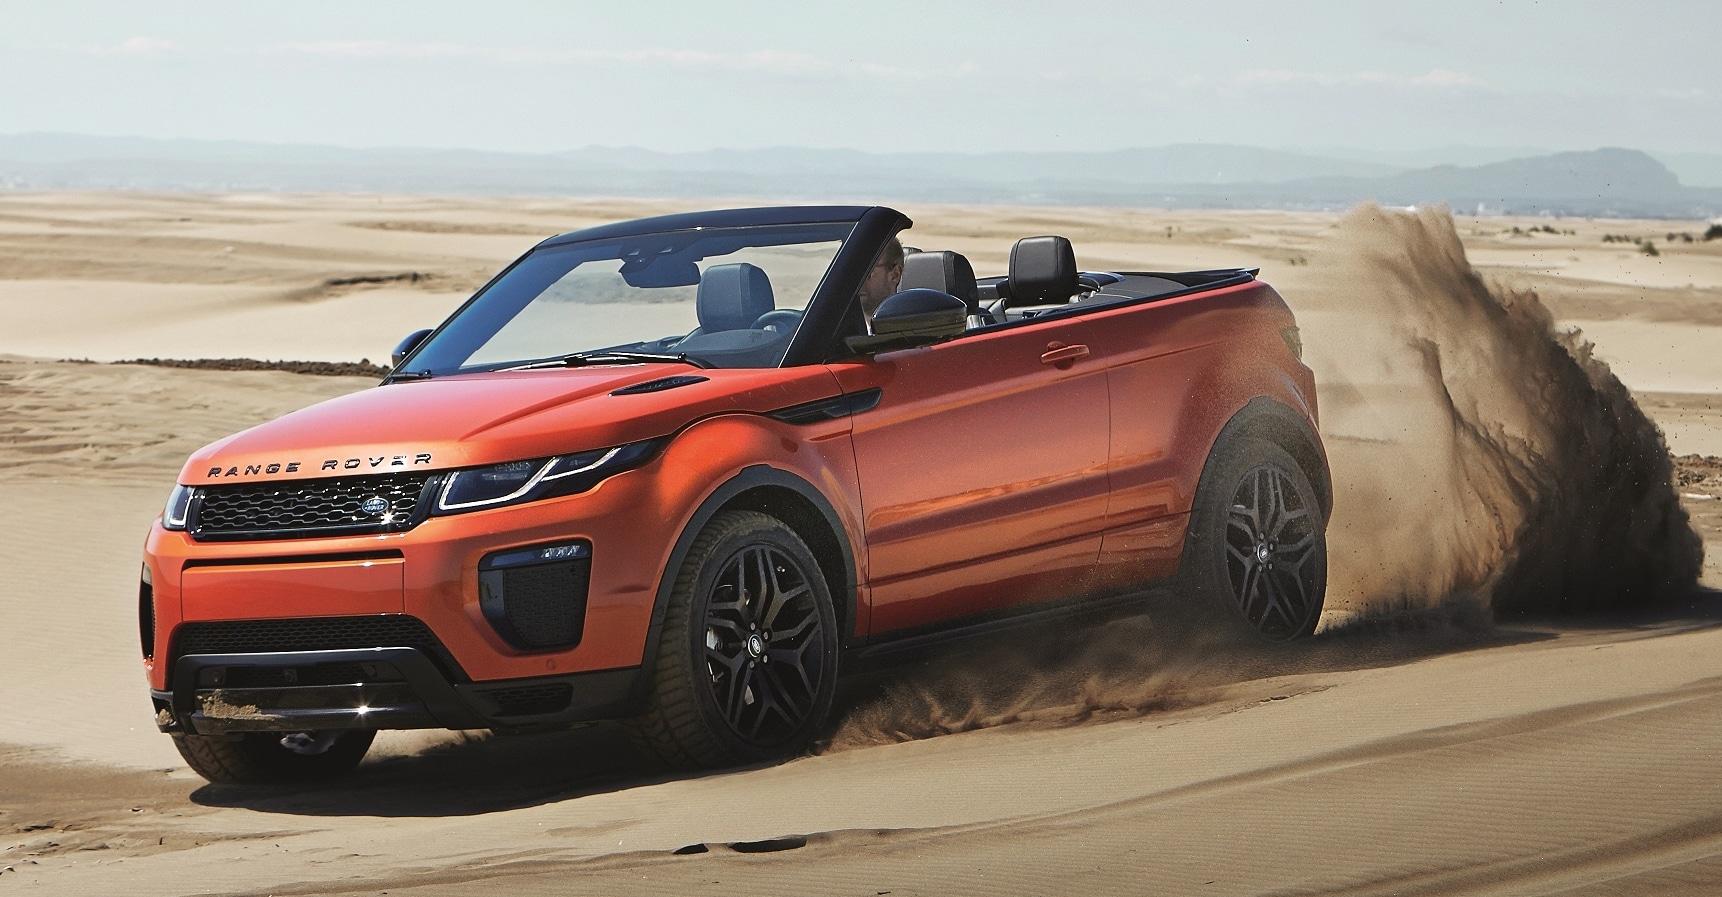 Actualité undefined - Photo d'illustration Range Rover Evoque cabriolet: 4 saisons, 4 roues motrices et 4 places